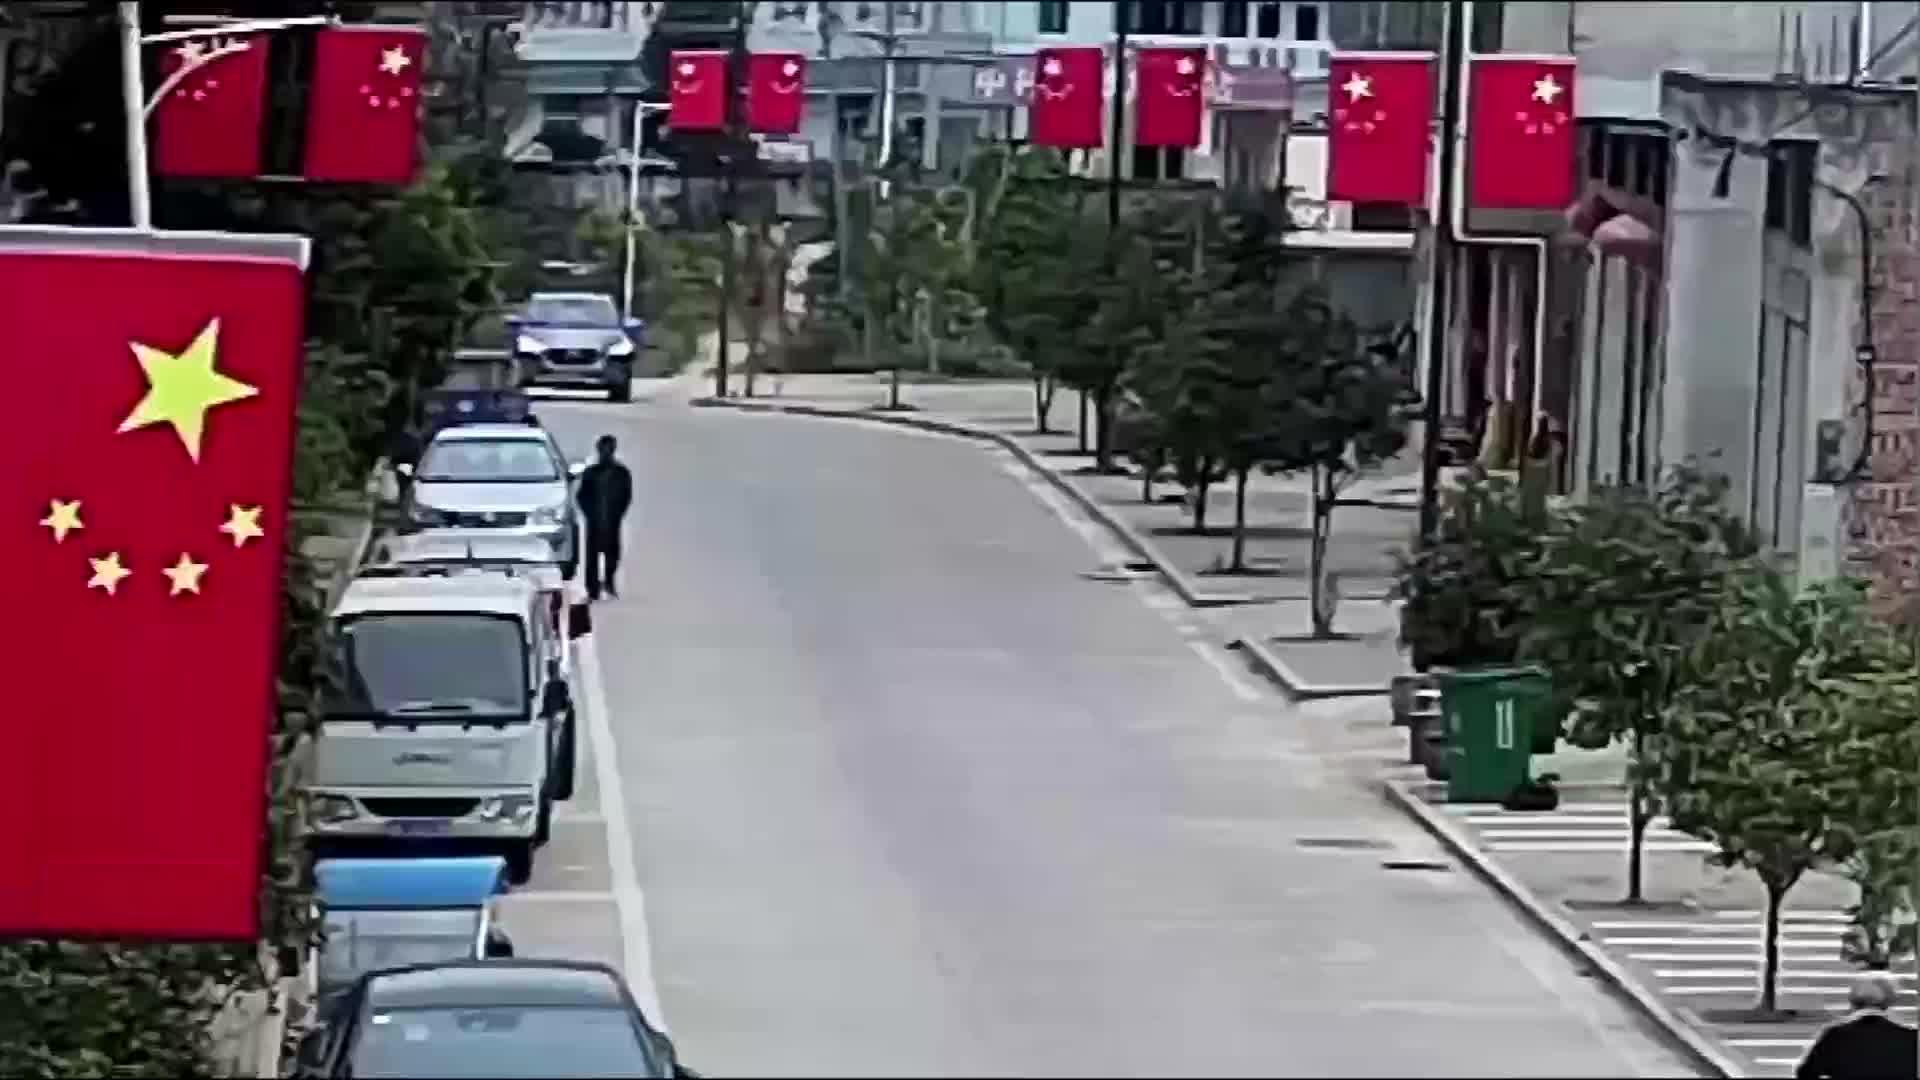 抱娃横穿马路出车祸,婴儿飞起恰巧落在汽车车顶!